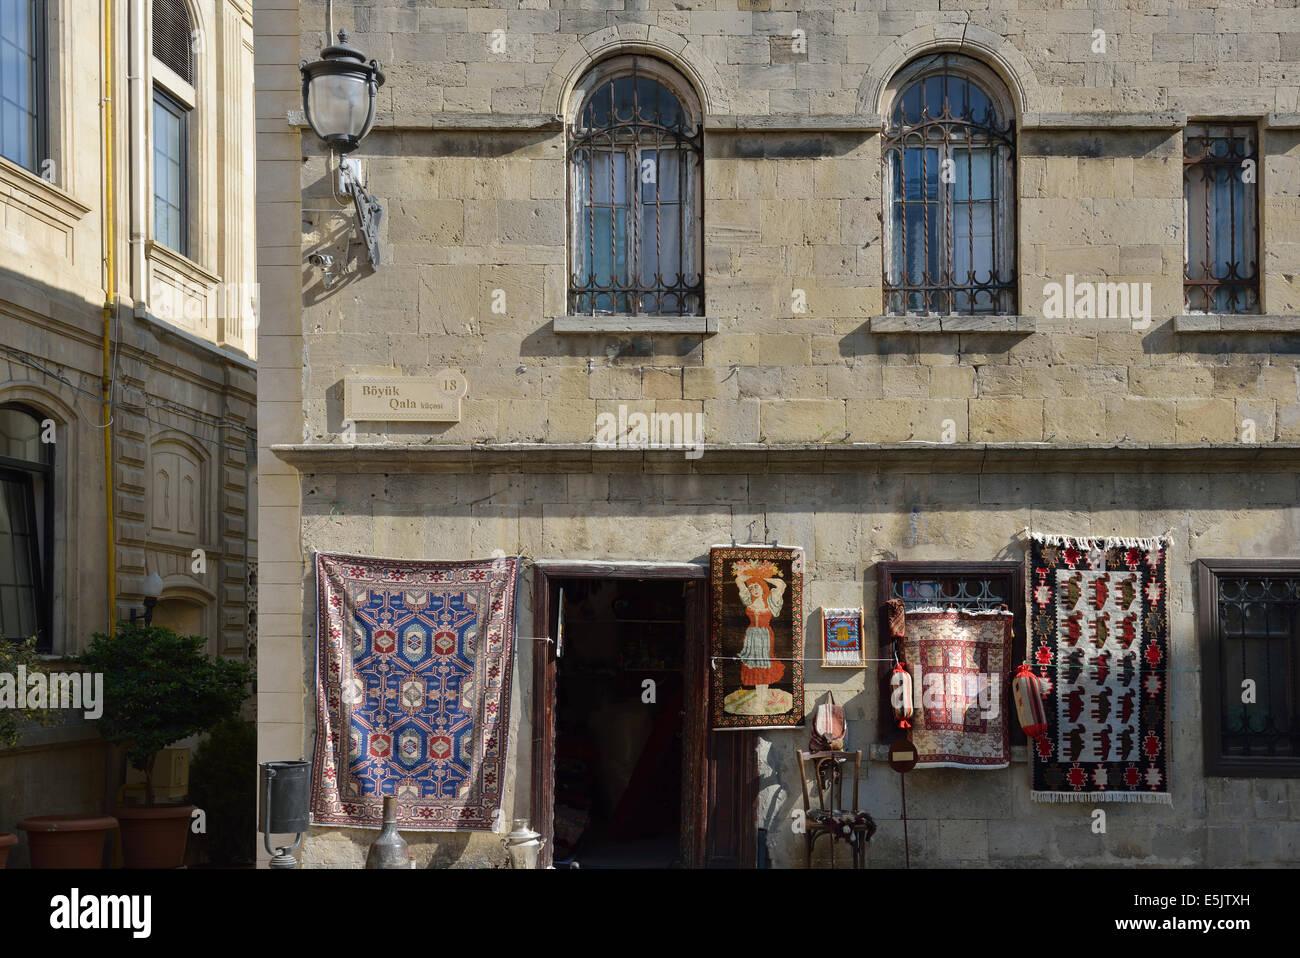 Souvenir shop in the Old City, Baku, Azerbaijan - Stock Image